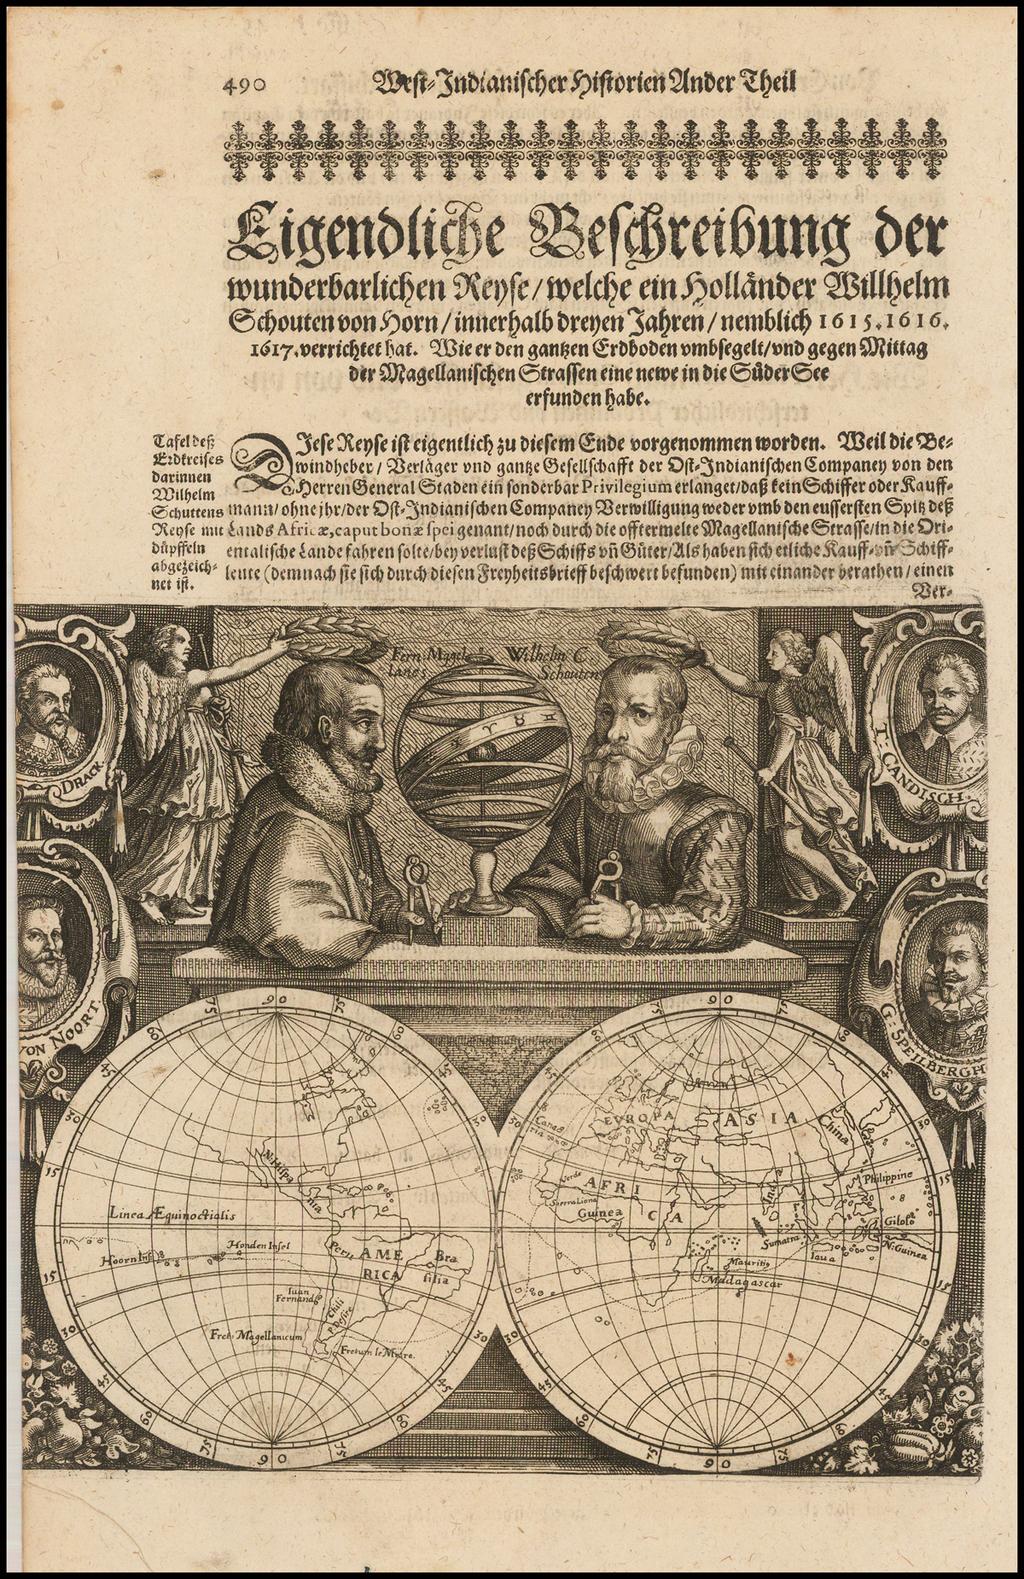 [Untitled Map -- Double Hemisphere Map with Portraits of Magellan, Schoten, Drake, Von Noort, Cavendish, and Speilbergen By Willem Janszoon Blaeu / Willem Schouten